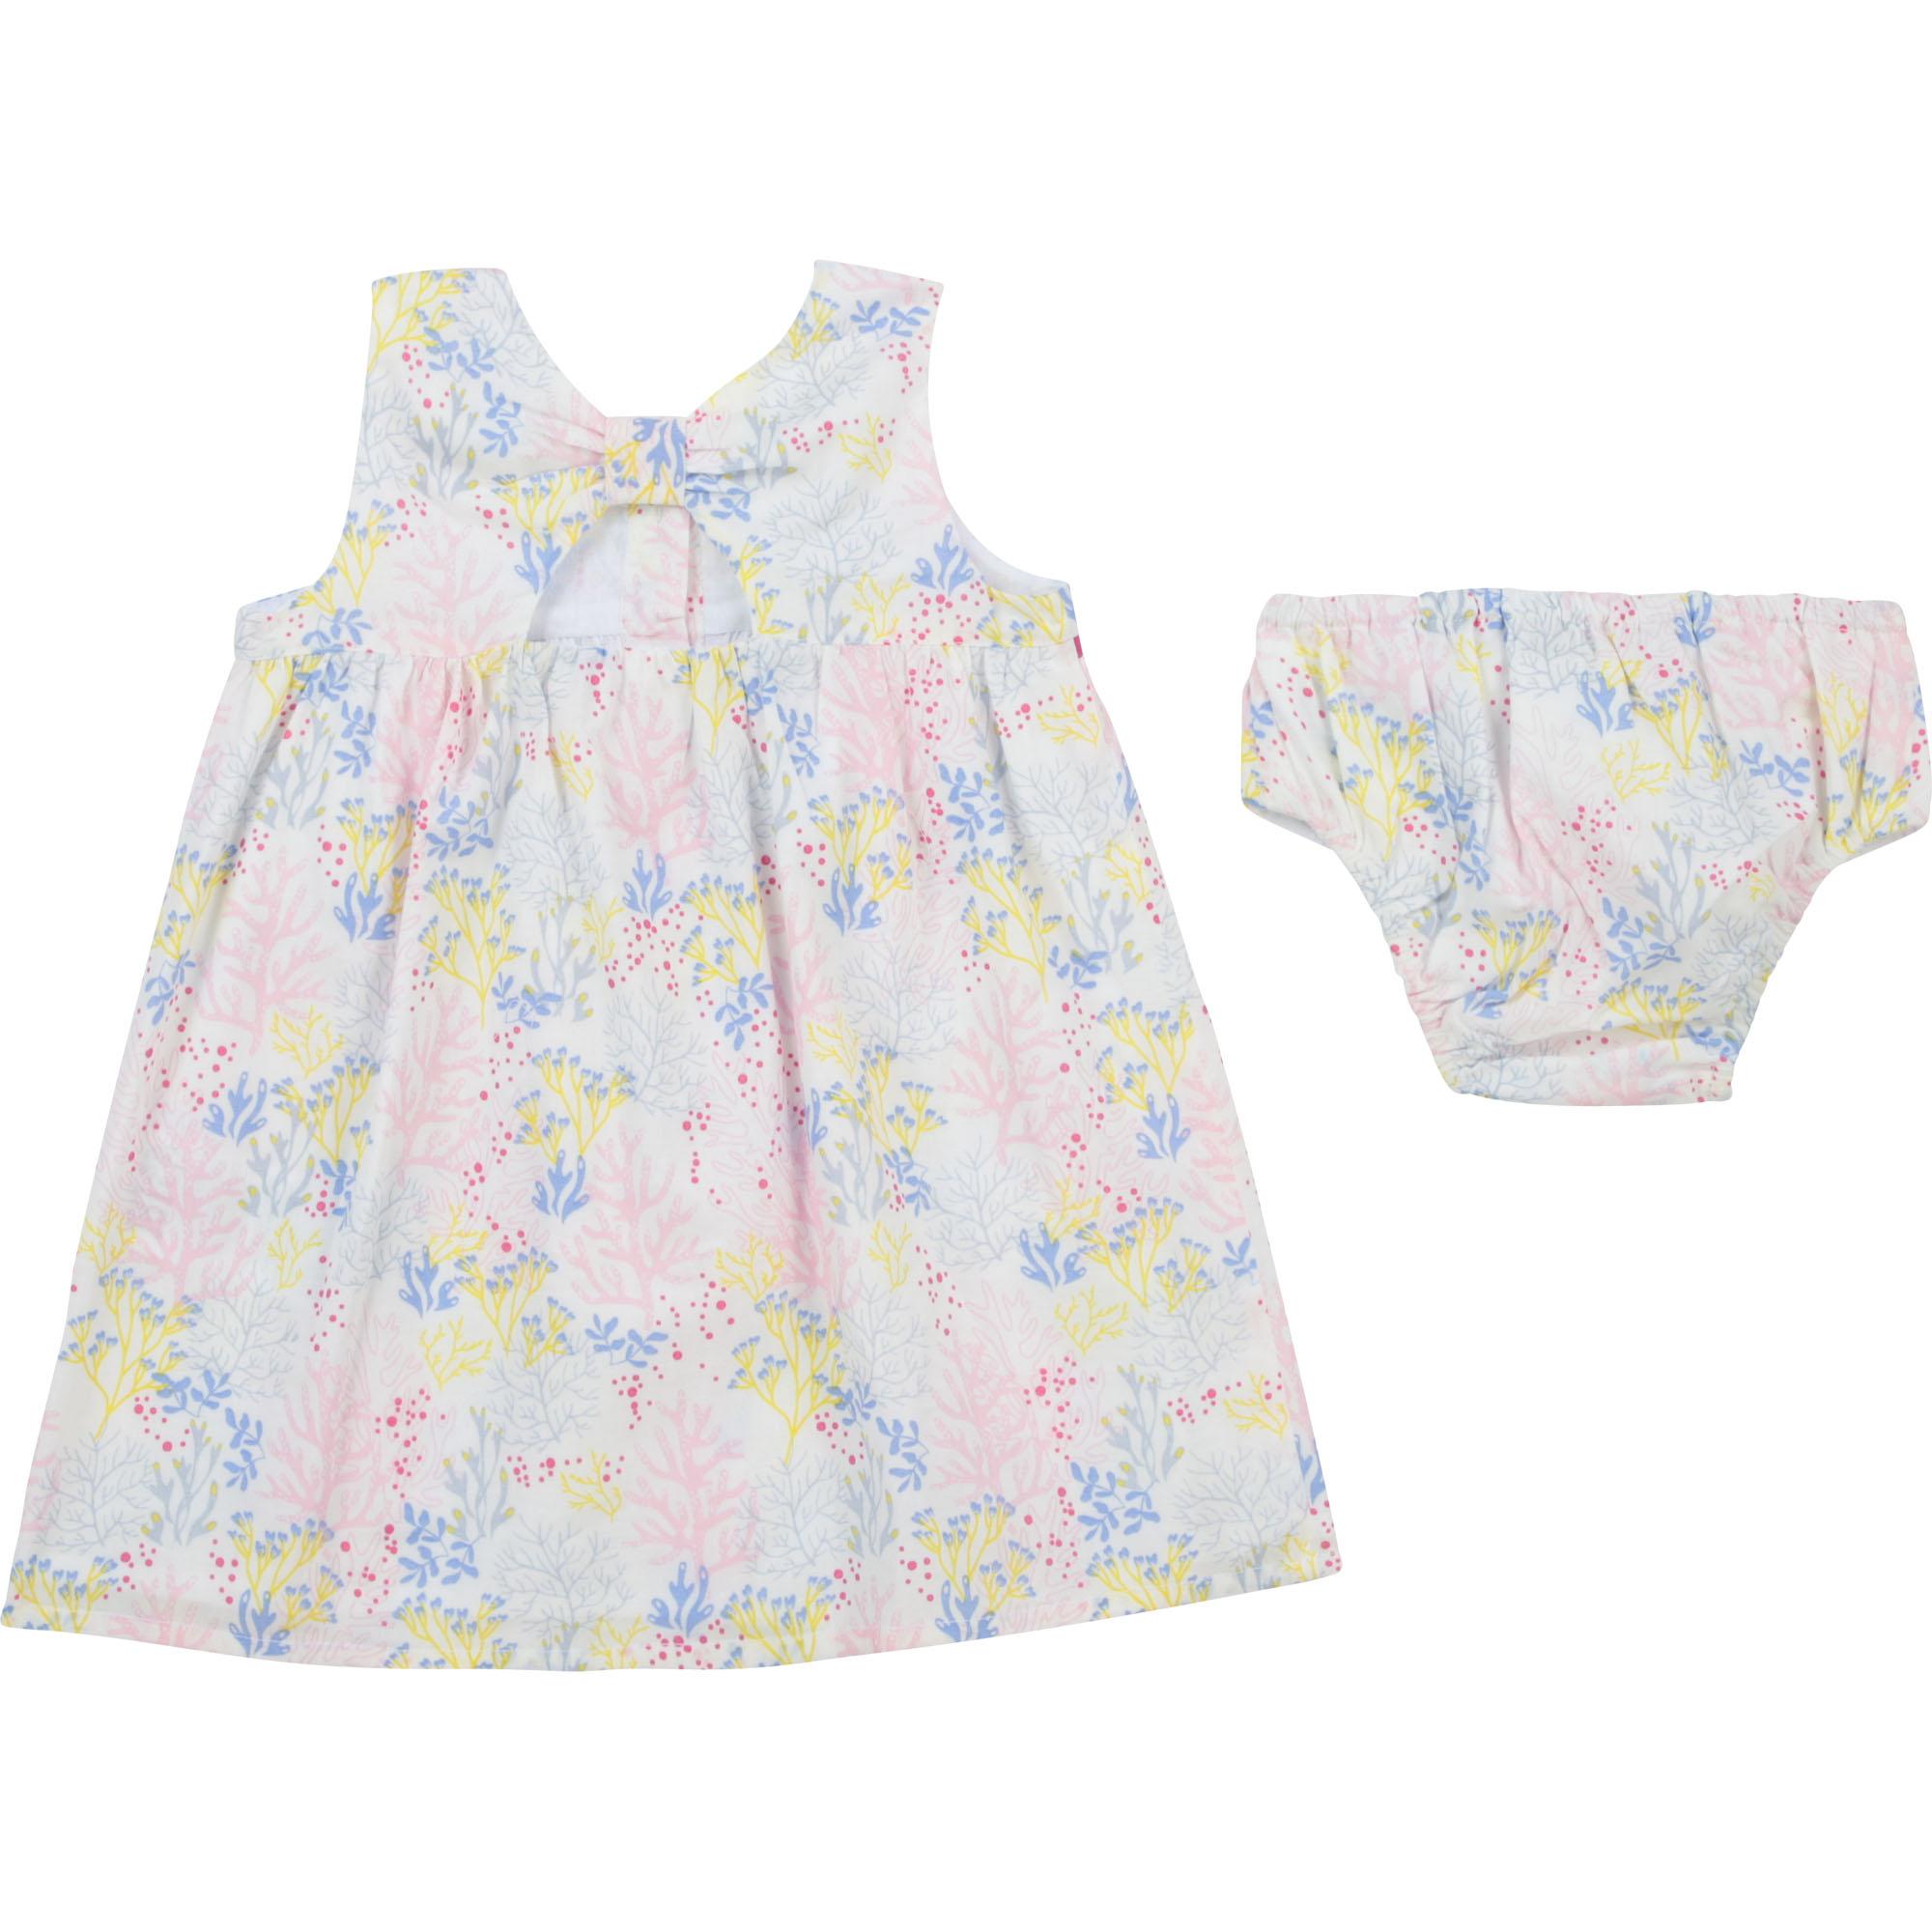 Ensemble robe + culotte CARREMENT BEAU pour FILLE